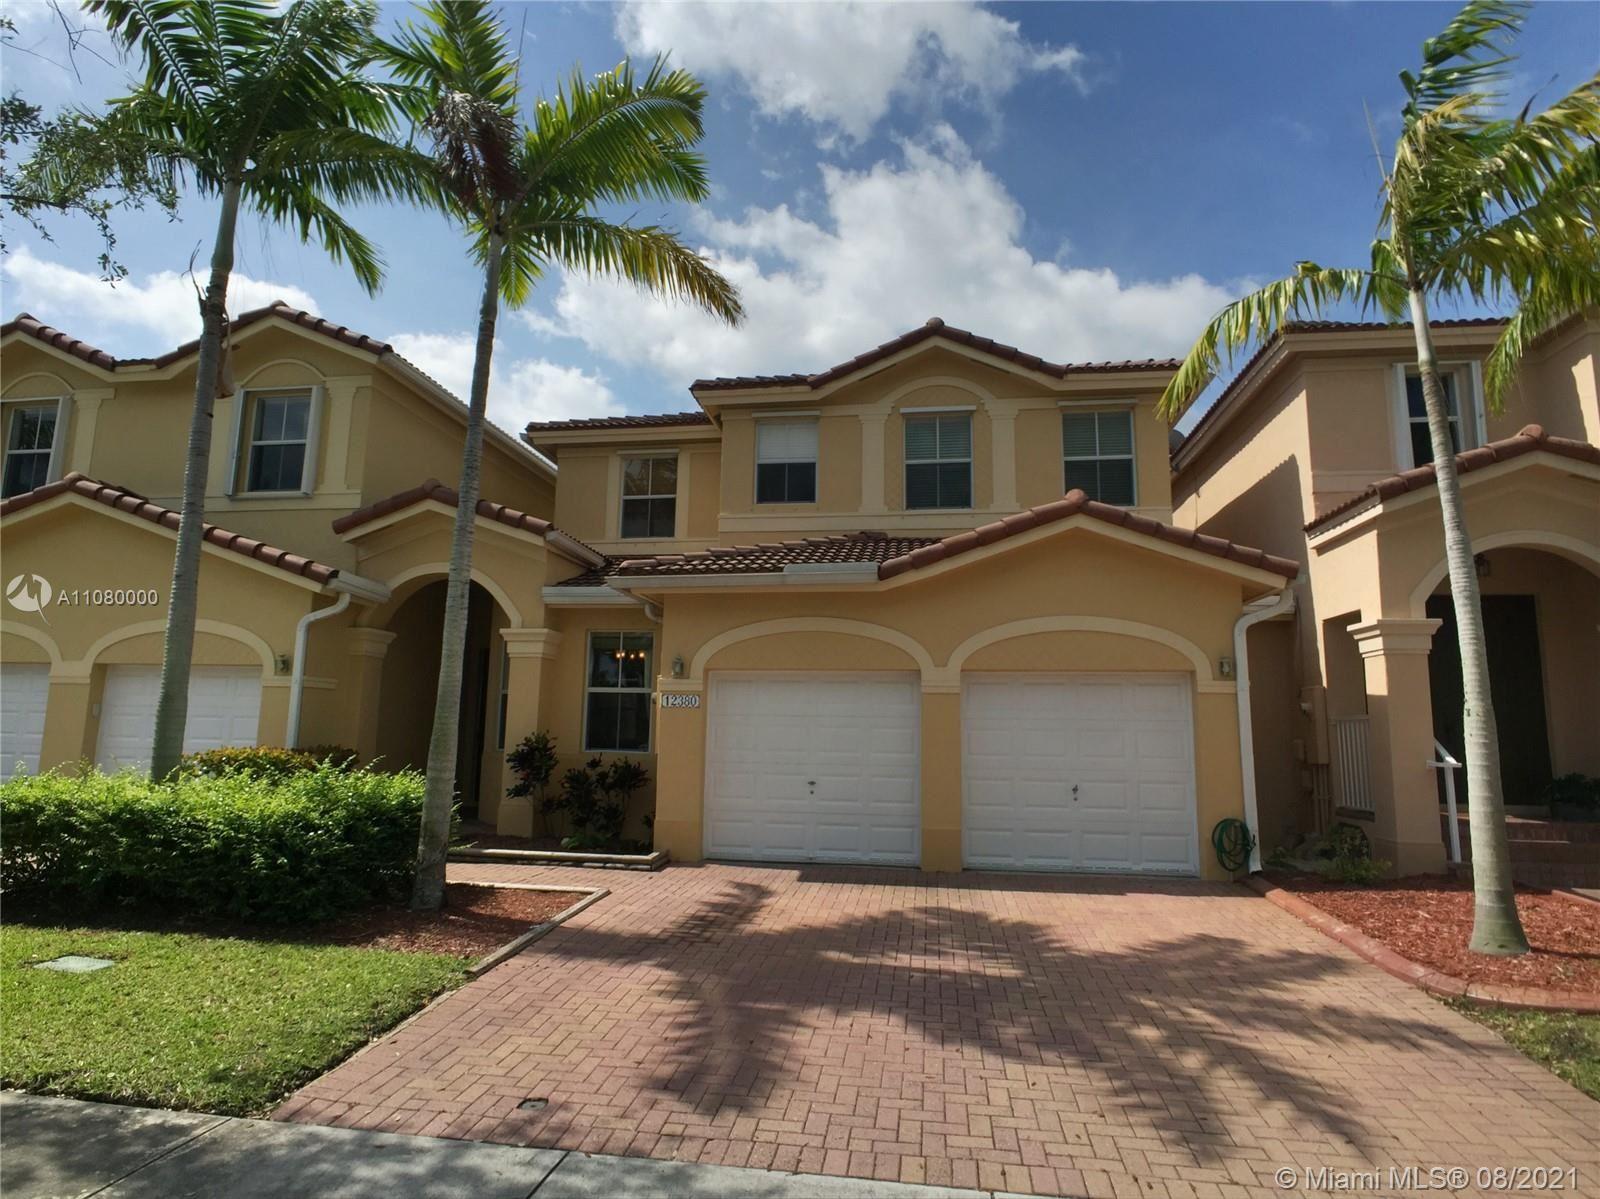 12380 SW 125th St, Miami, FL 33186 - #: A11080000